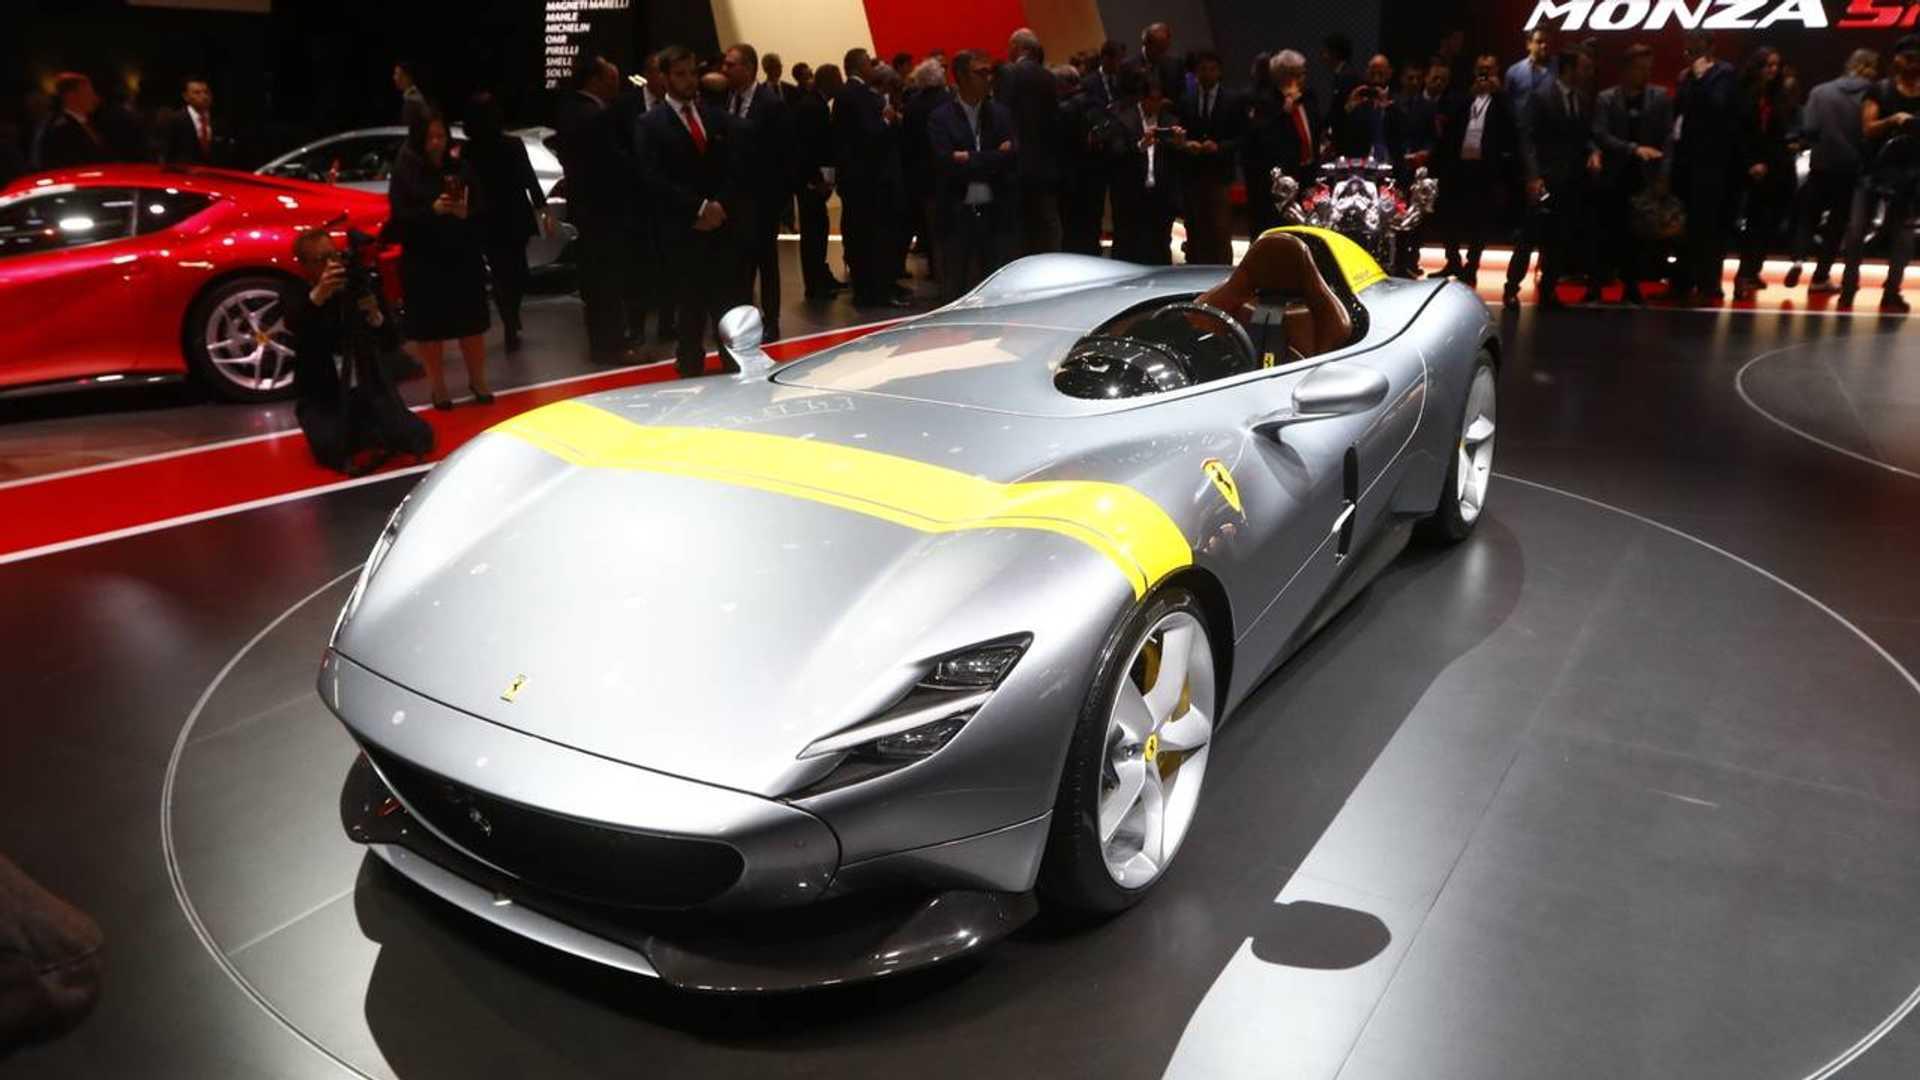 Ferrari Monza SP1